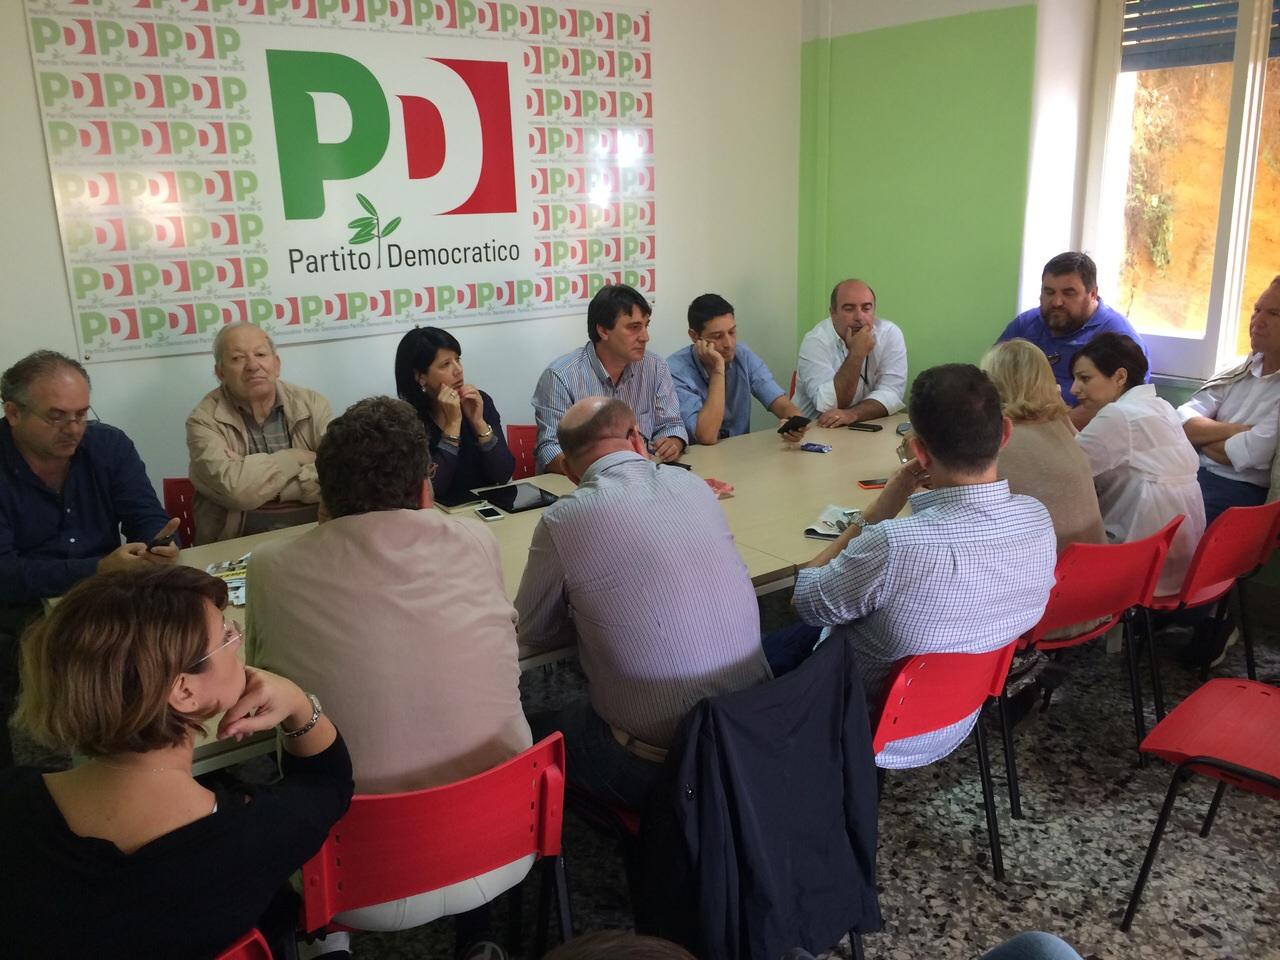 Riunione PD per le elezioni amministrative 2015